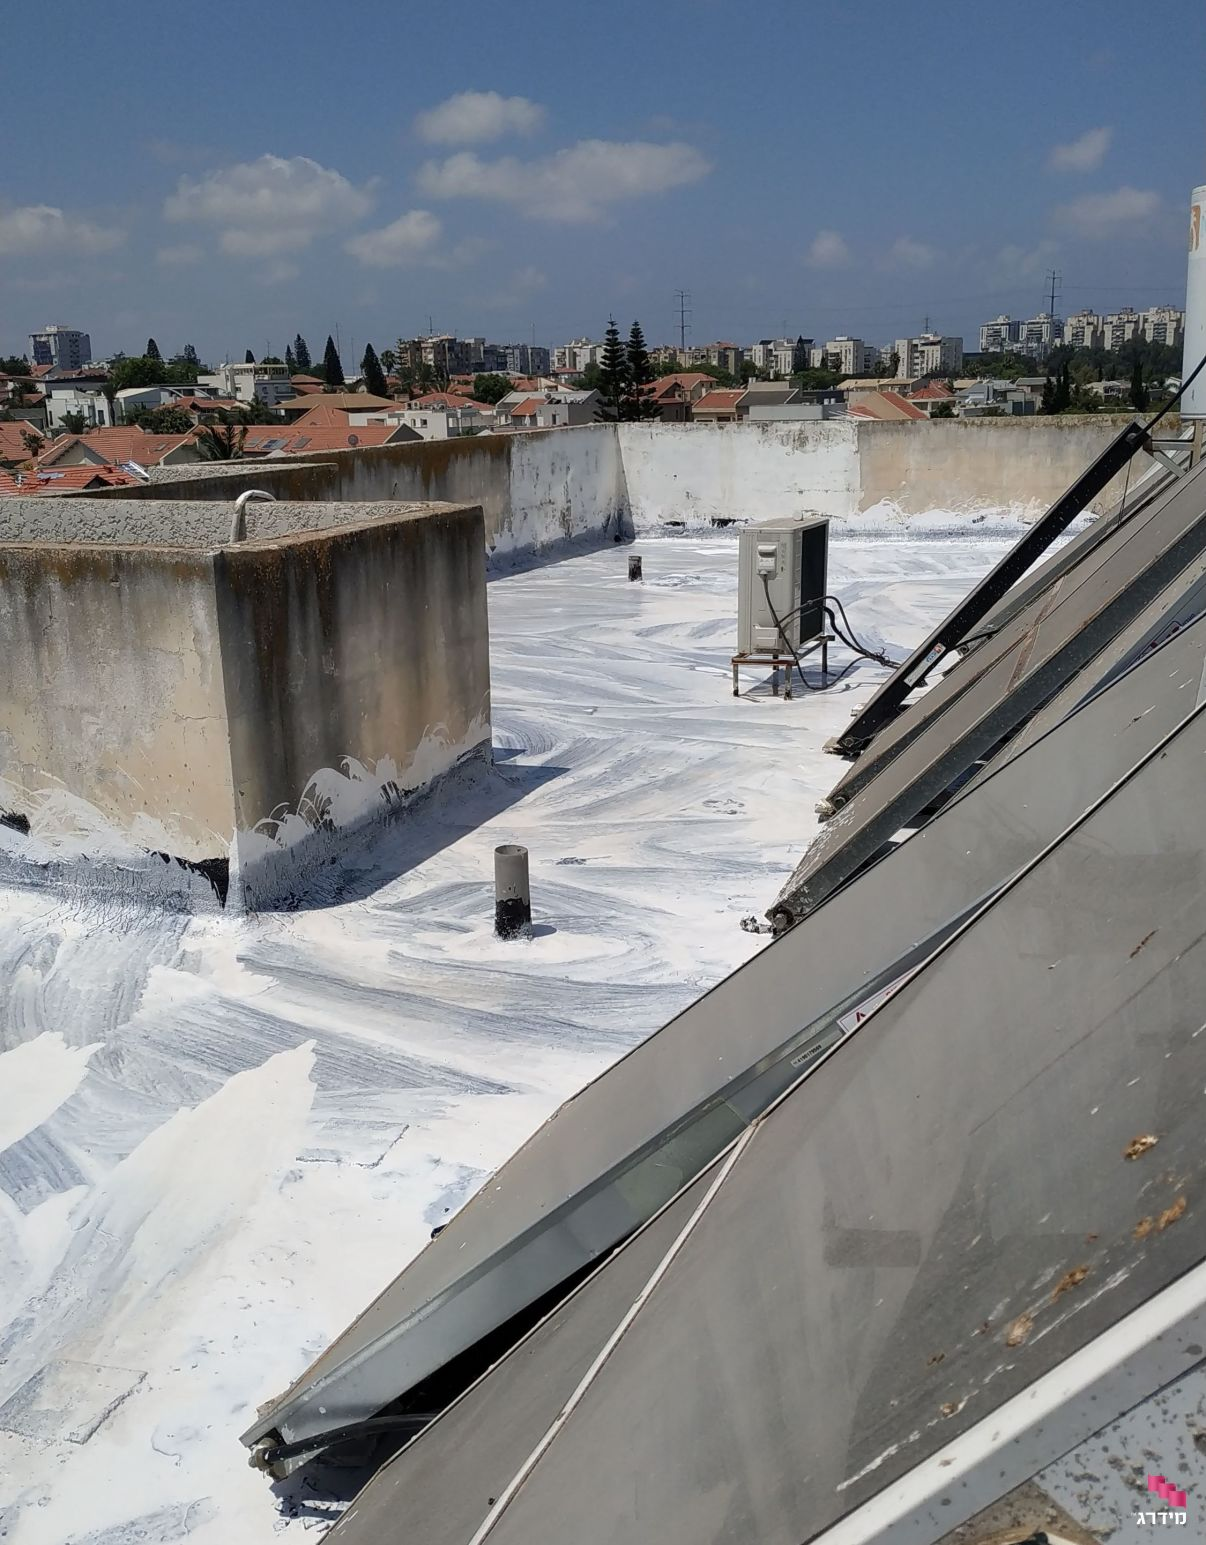 גג מסויד לאחר זיפות | מחירי זיפות גגות - מידרג